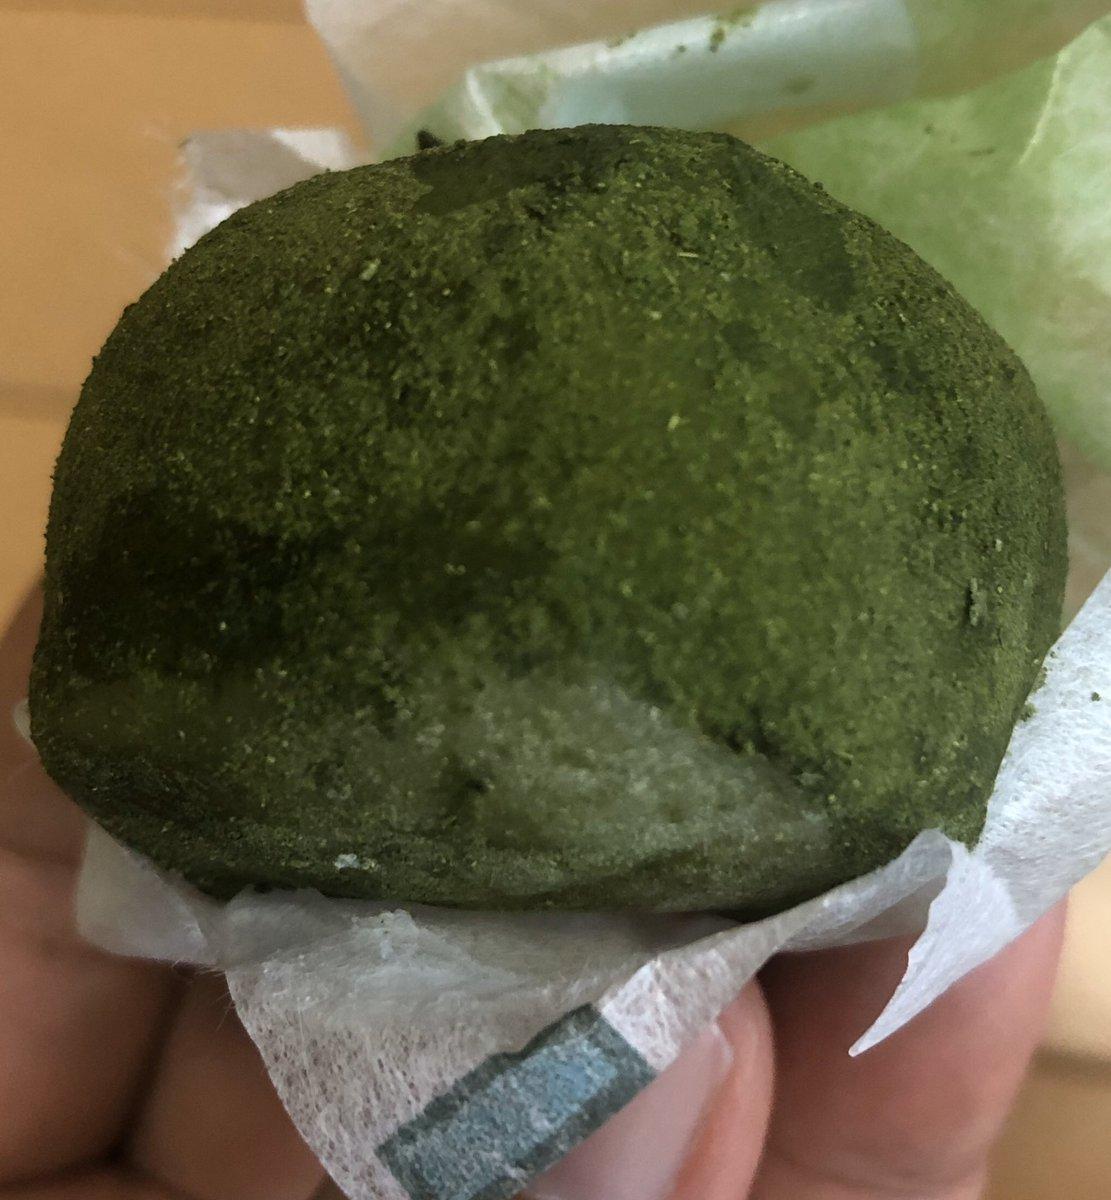 test ツイッターメディア - 霧の森大福は抹茶の濃ゆい味と控えめな甘さが楽しめる。本当にシンプルなお菓子だと思うけど、真剣に作るとこんなに美味しいんだなあ😊笑顔がこぼれるね。  #愛媛 #霧の森大福 #抹茶が濃い https://t.co/06CKIuG17H